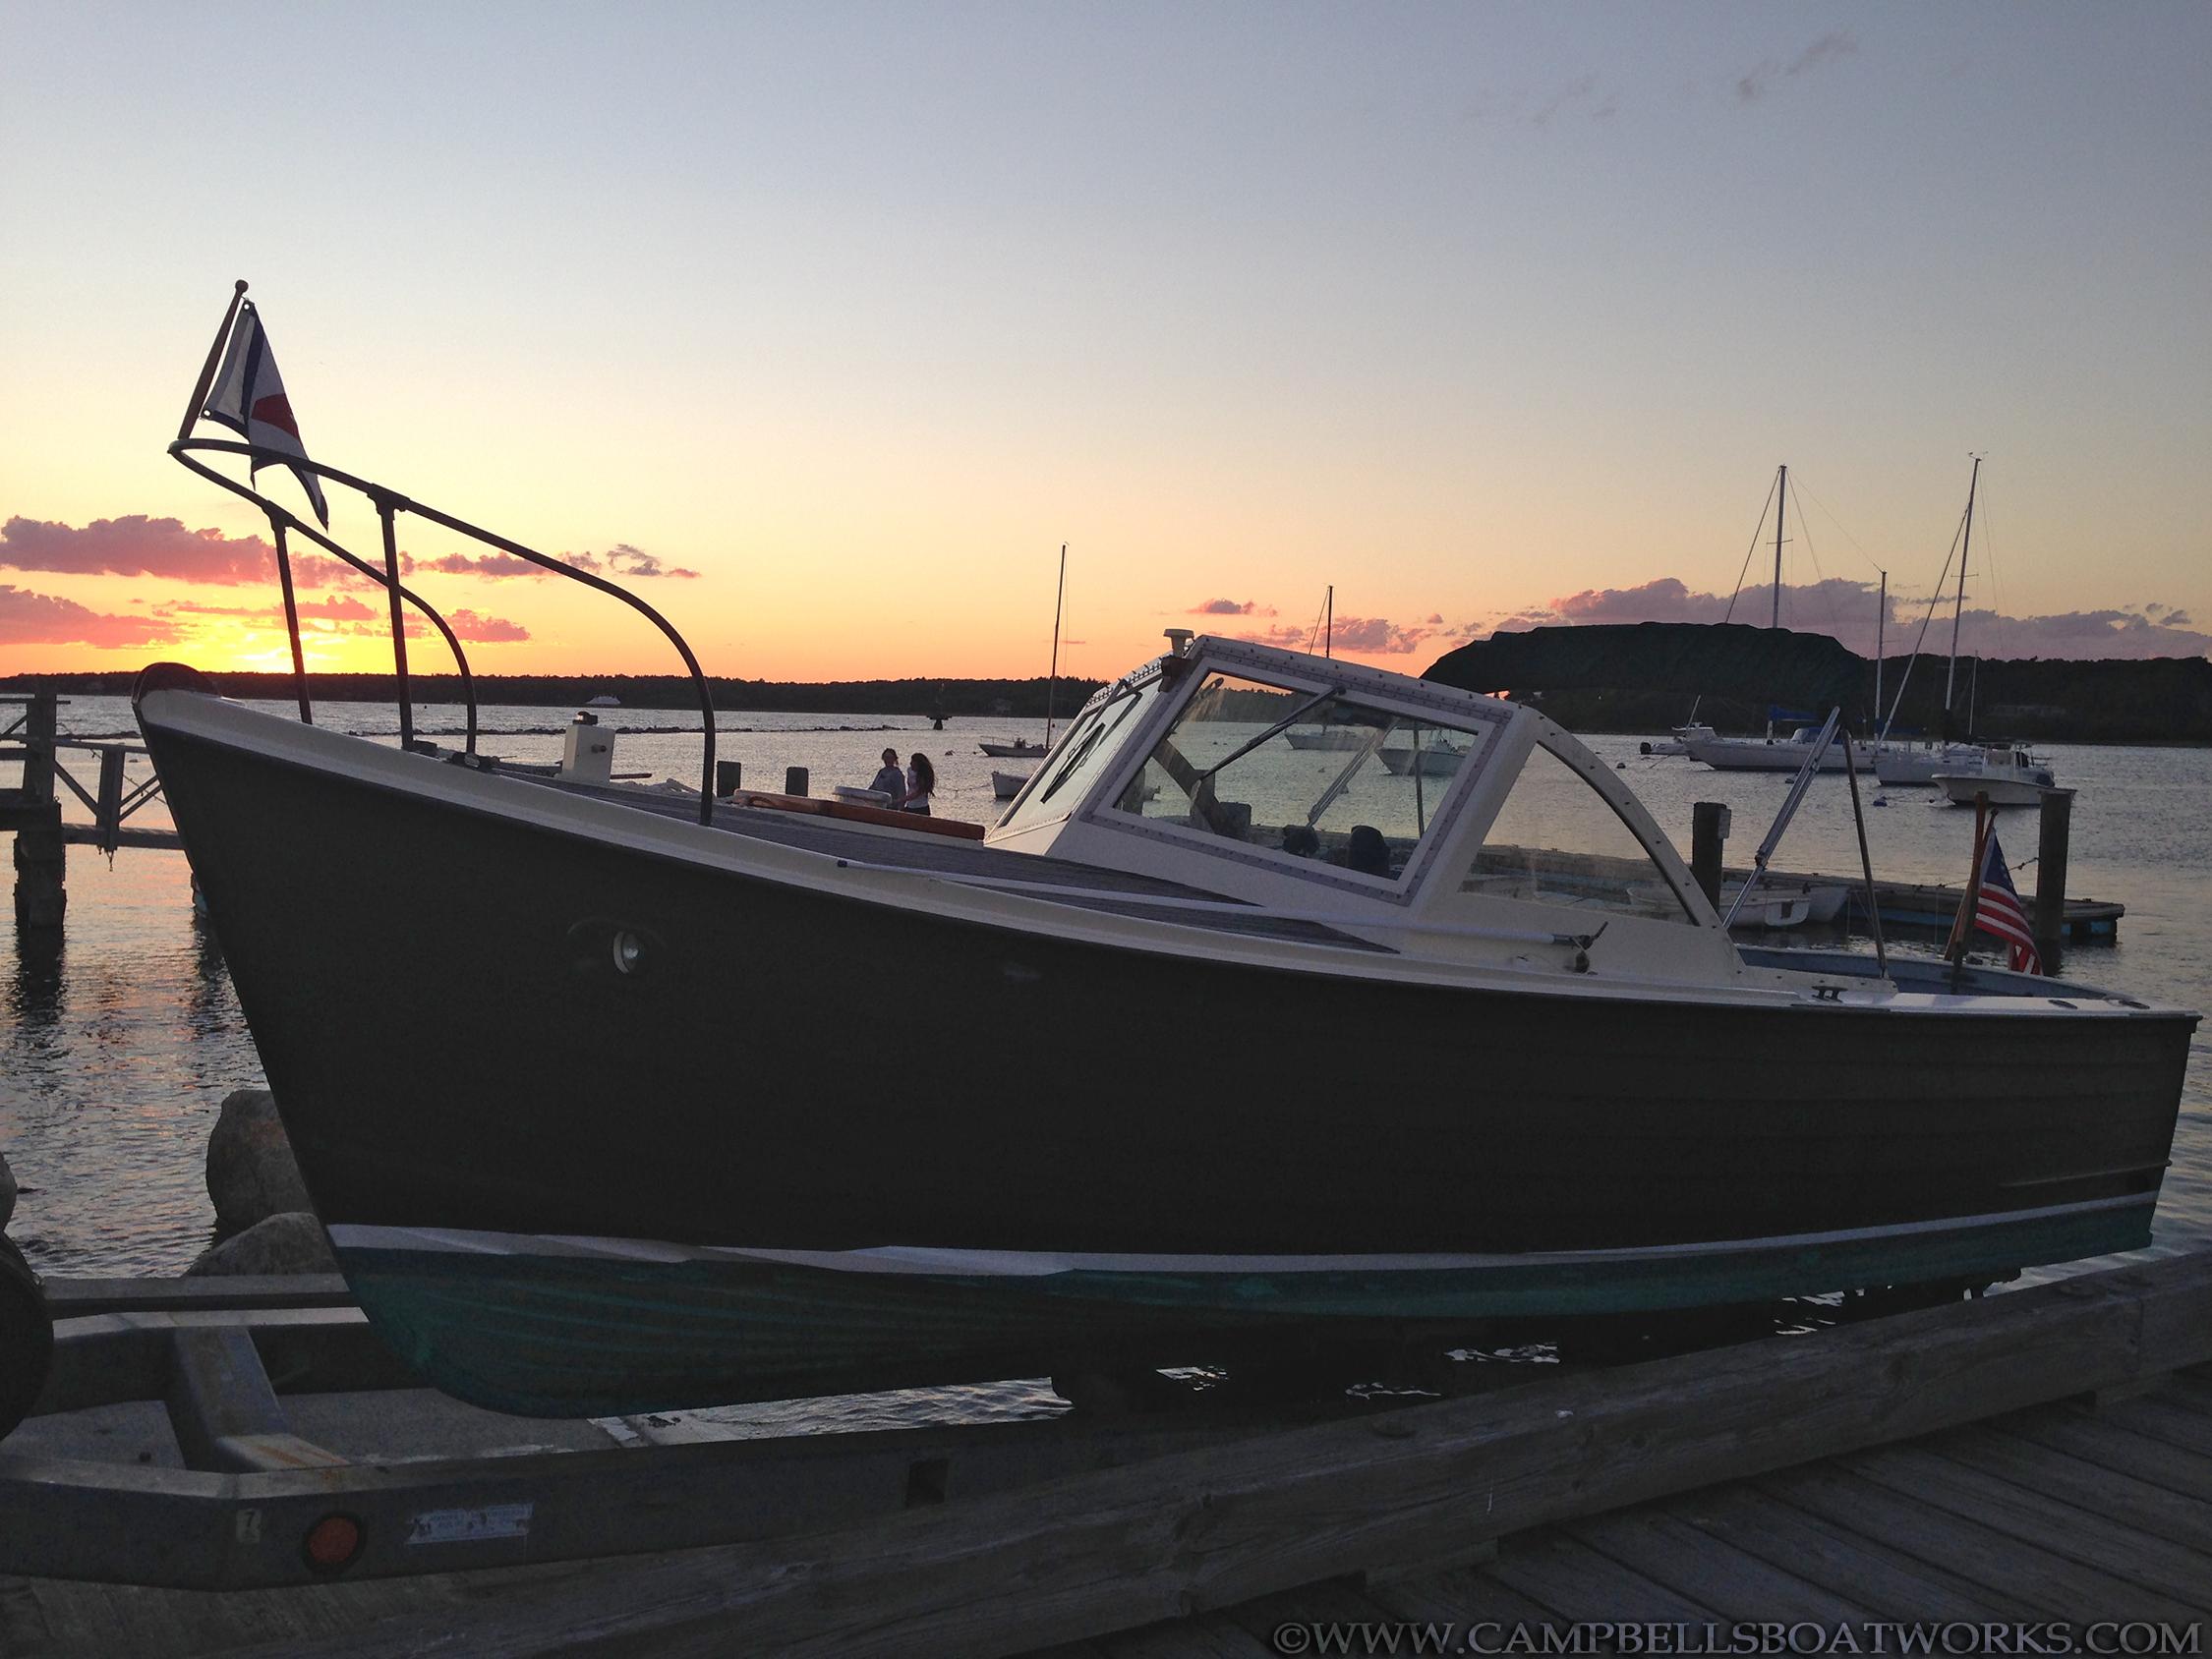 26-mackenzie-cuttyhunk-diesel-inboard-boat-for-sale.png